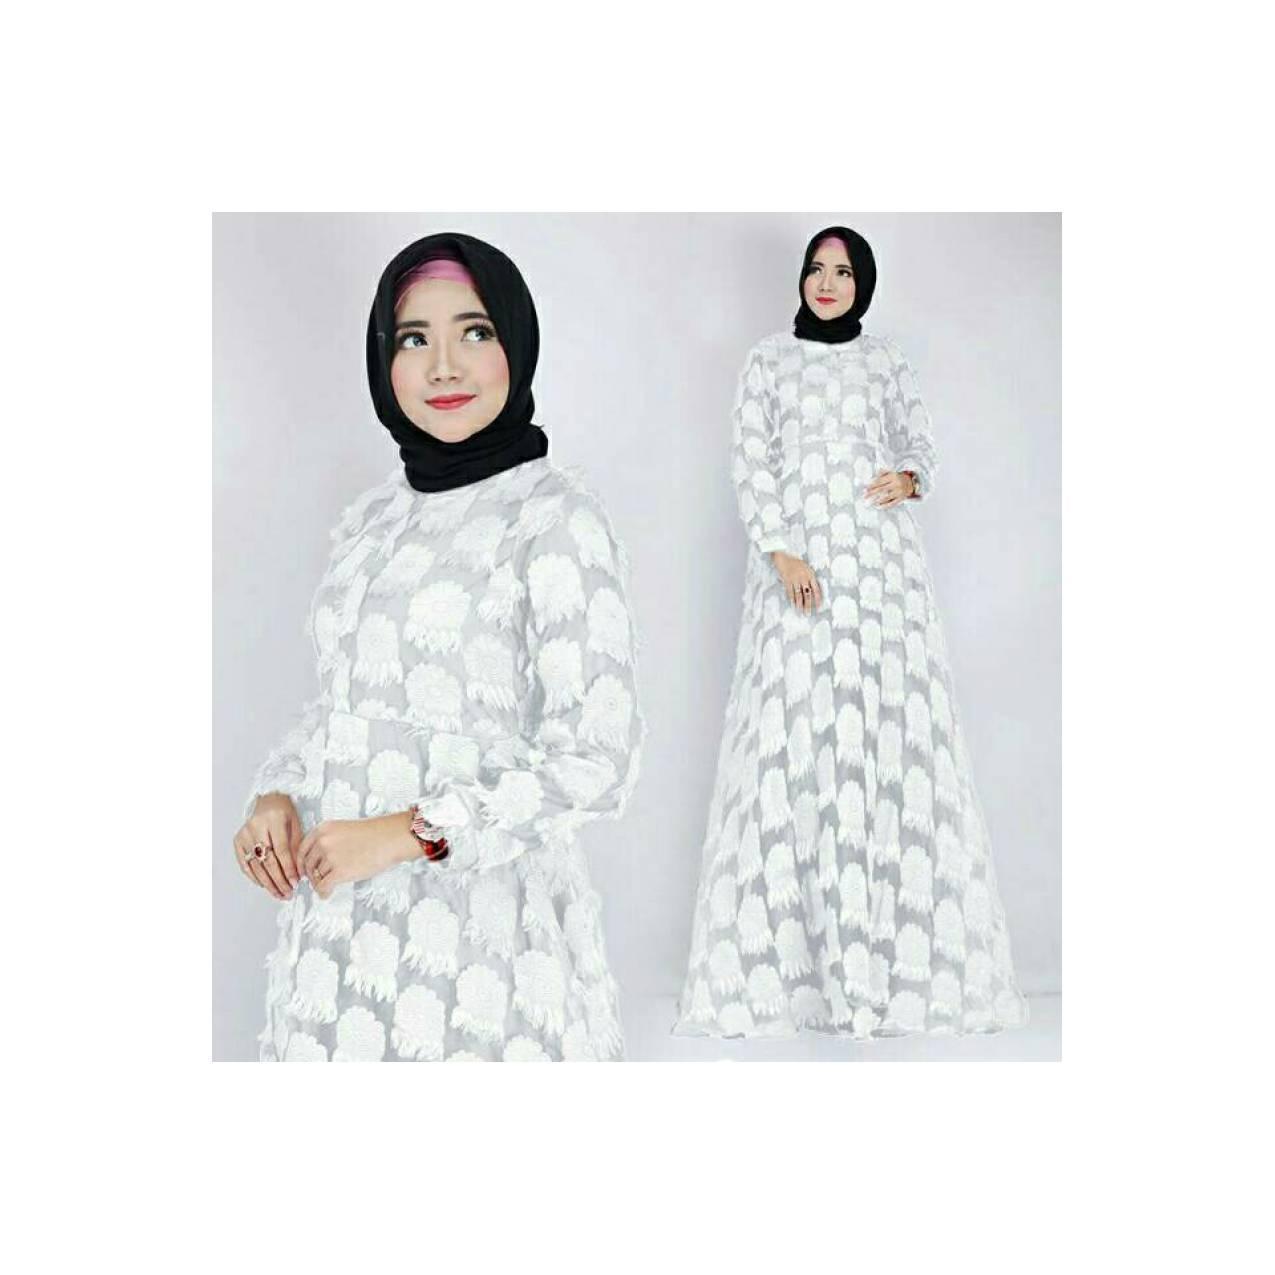 Gaun Dress Panjang Baju Gamis Wanita Muslim Lebaran Warna Putih